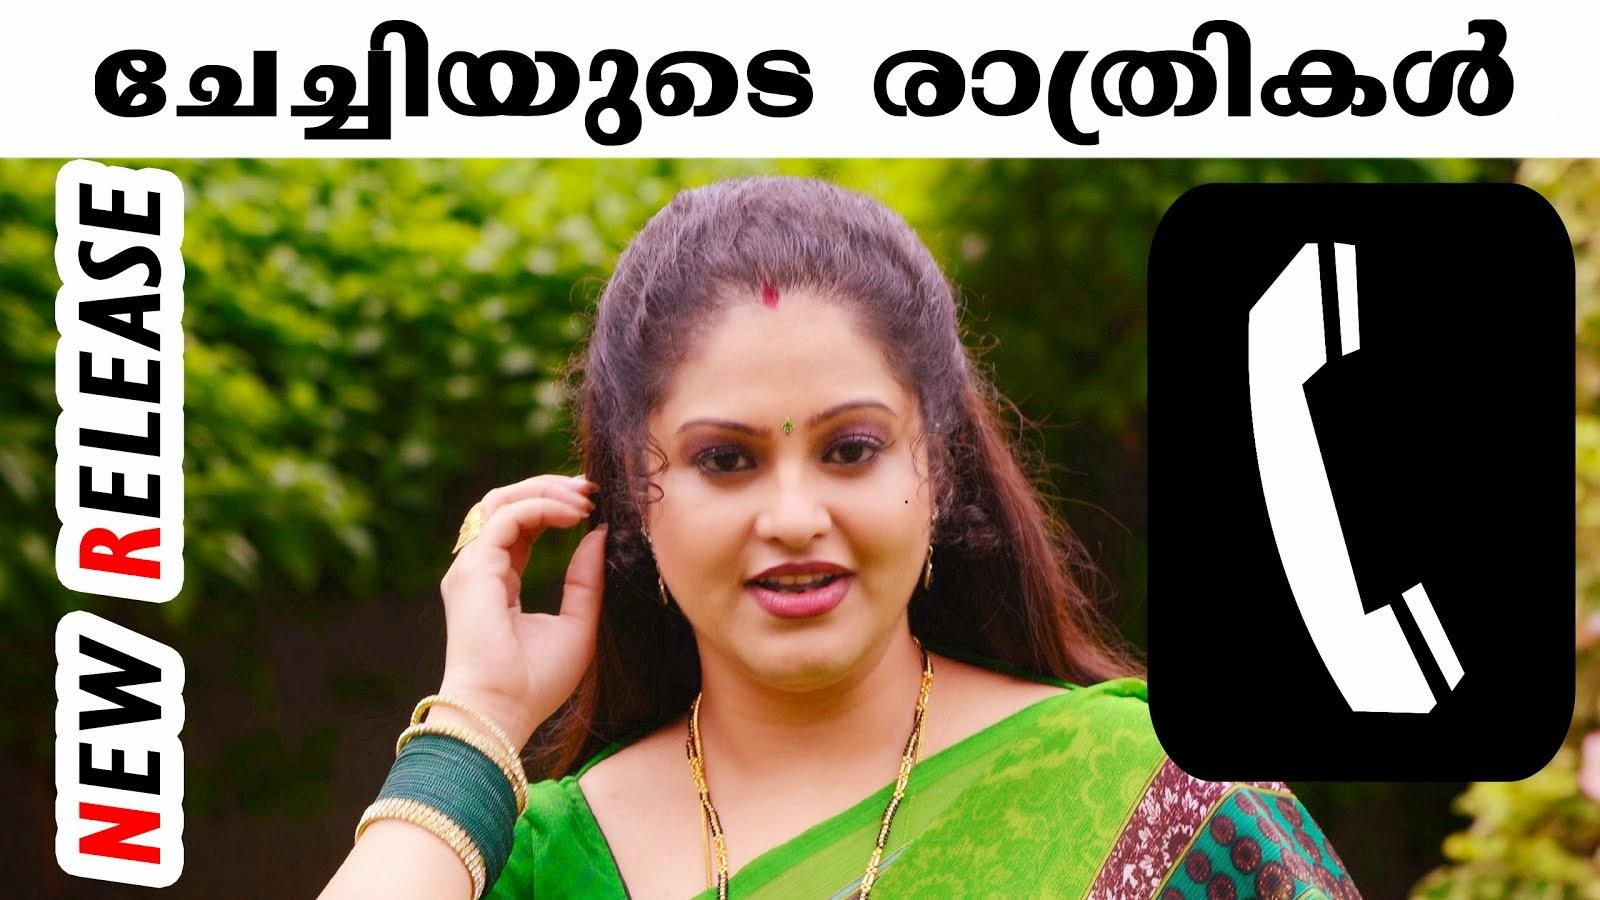 1500 Malayalam Calls